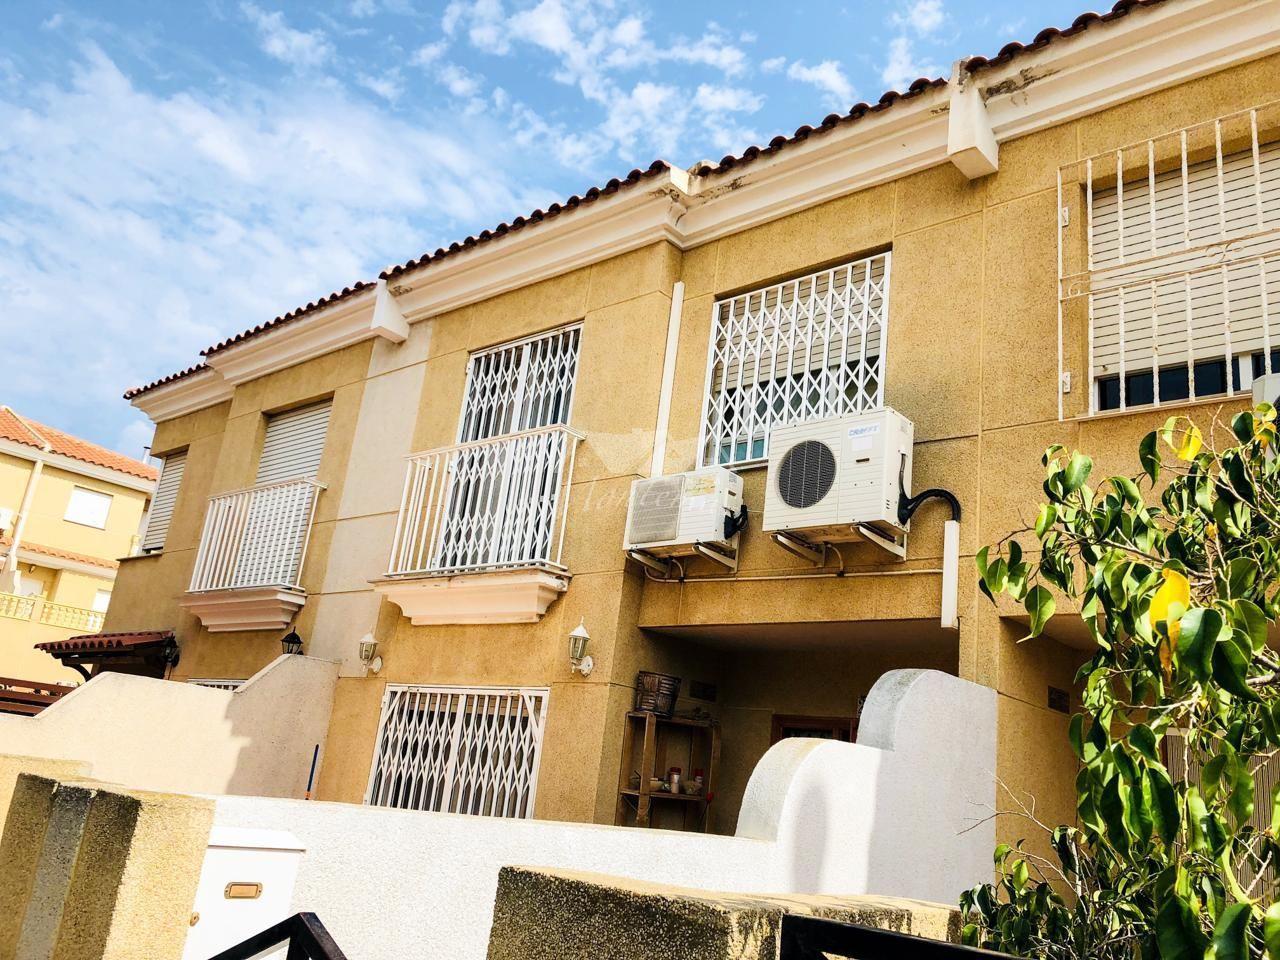 Fincas montemar guilas casa chalet en venta en guilas de 120 m2 Casa en aguilas